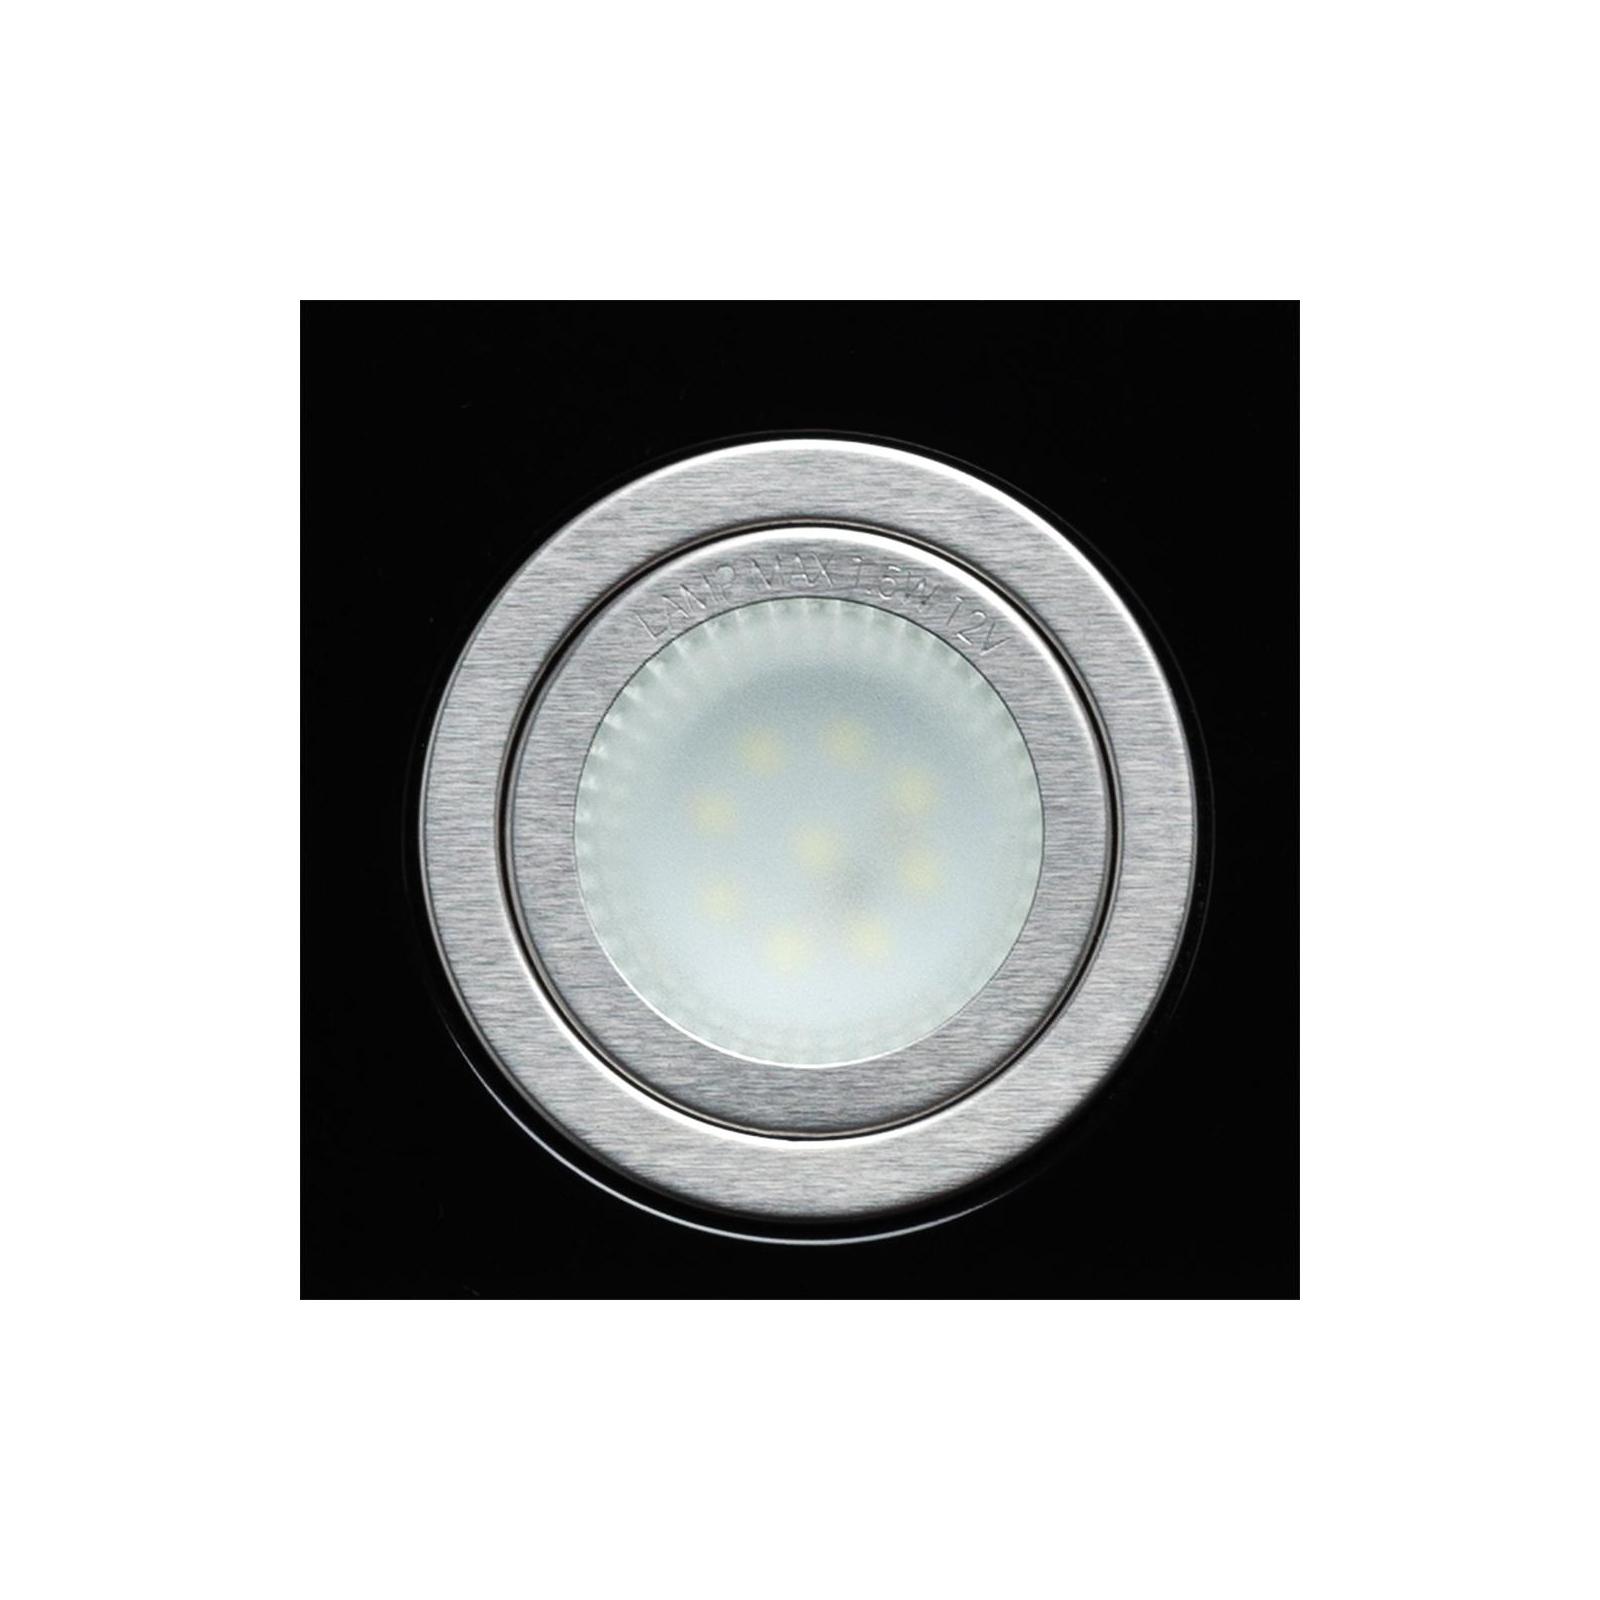 Вытяжка кухонная MINOLA HTL 6612 BL 1000 LED изображение 7